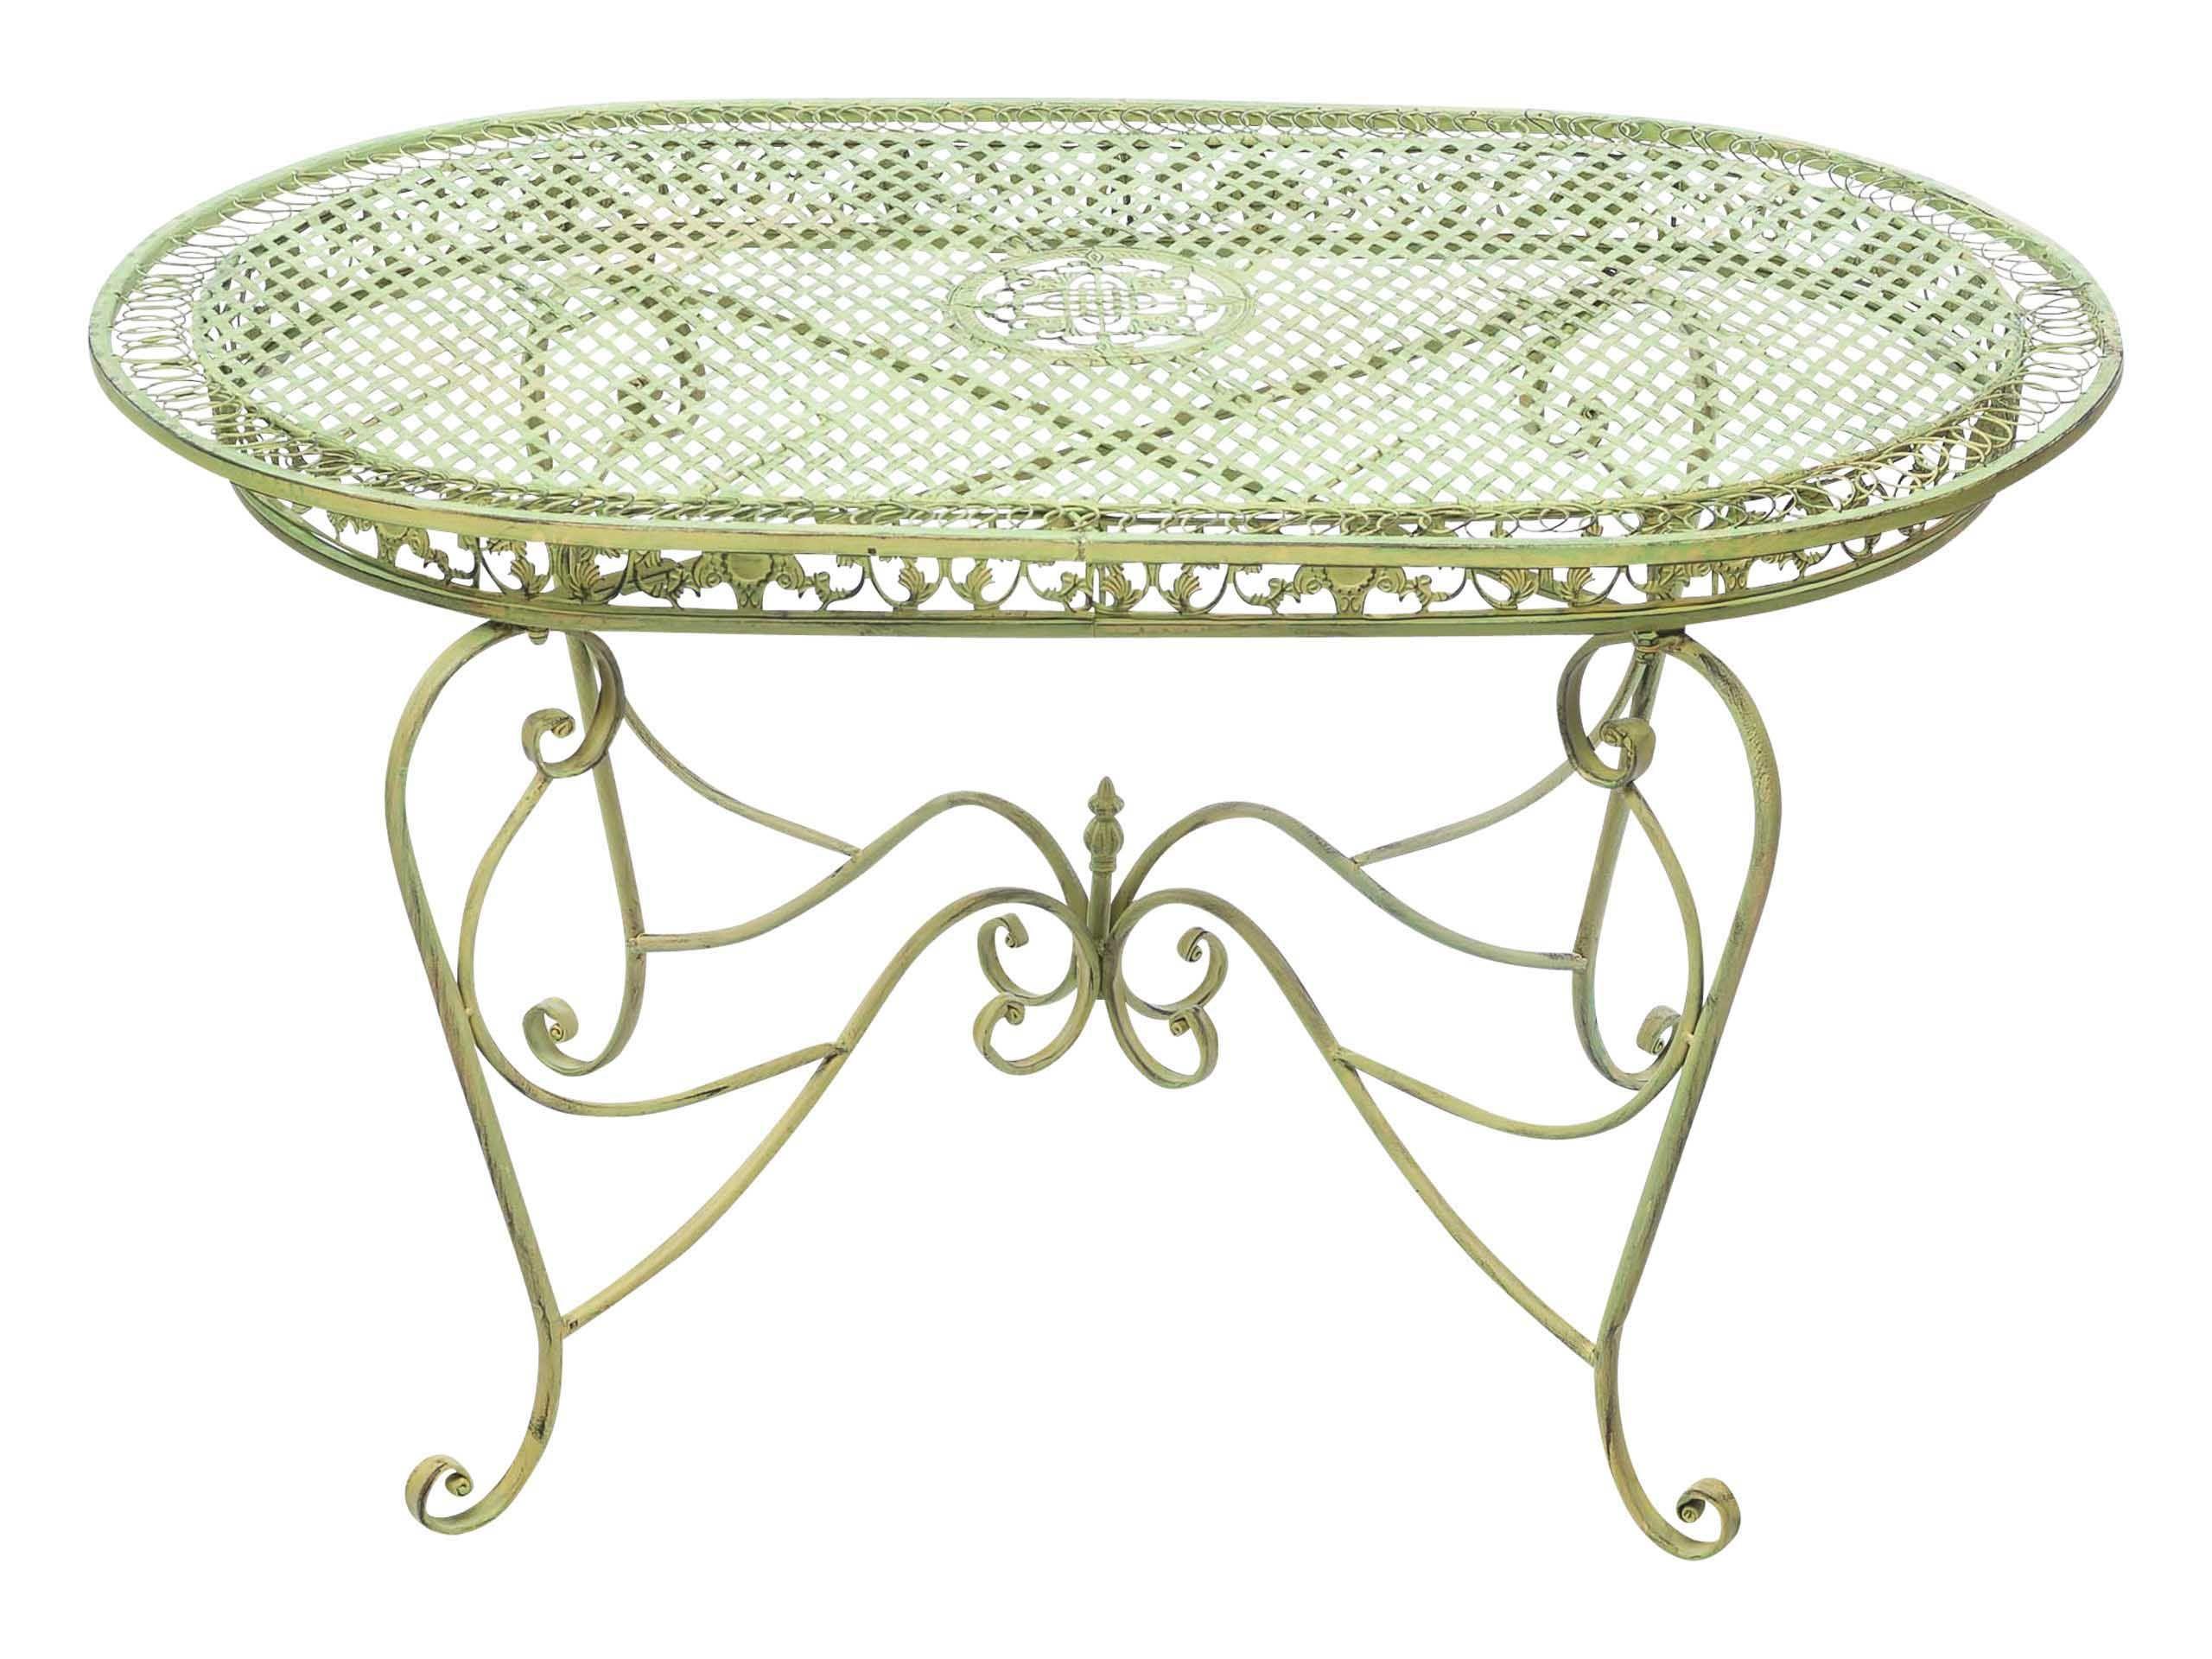 Gartentisch 135cm Eisen Tisch Schmiedeeisen Gartenmobel Grun Antik Stil Home Decor Decor Furniture